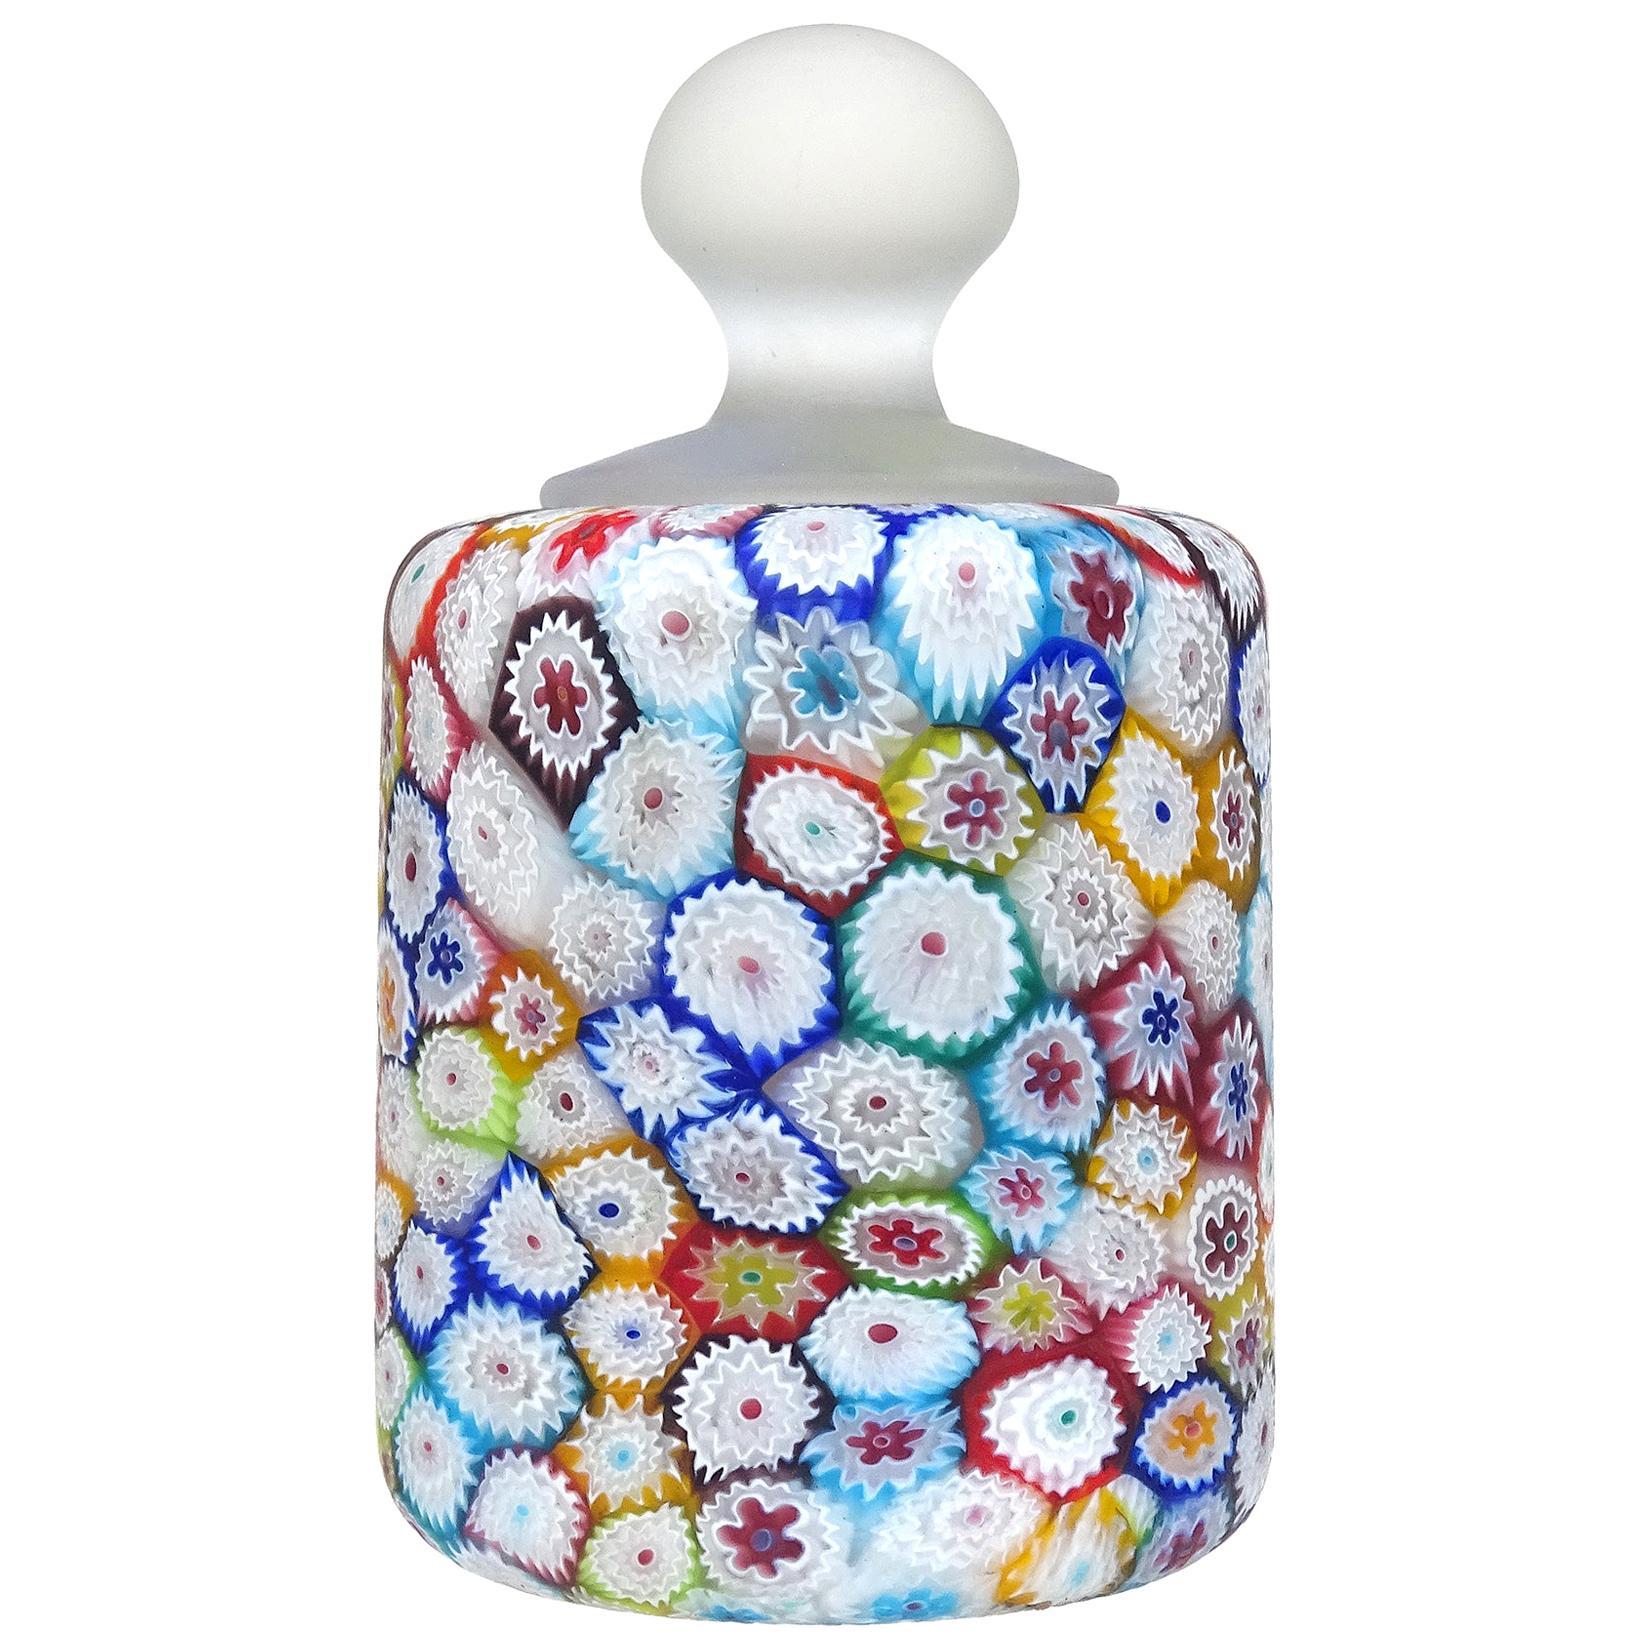 Fratelli Toso Murano Millefiori Flower Mosaic Italian Art Glass Paperweight